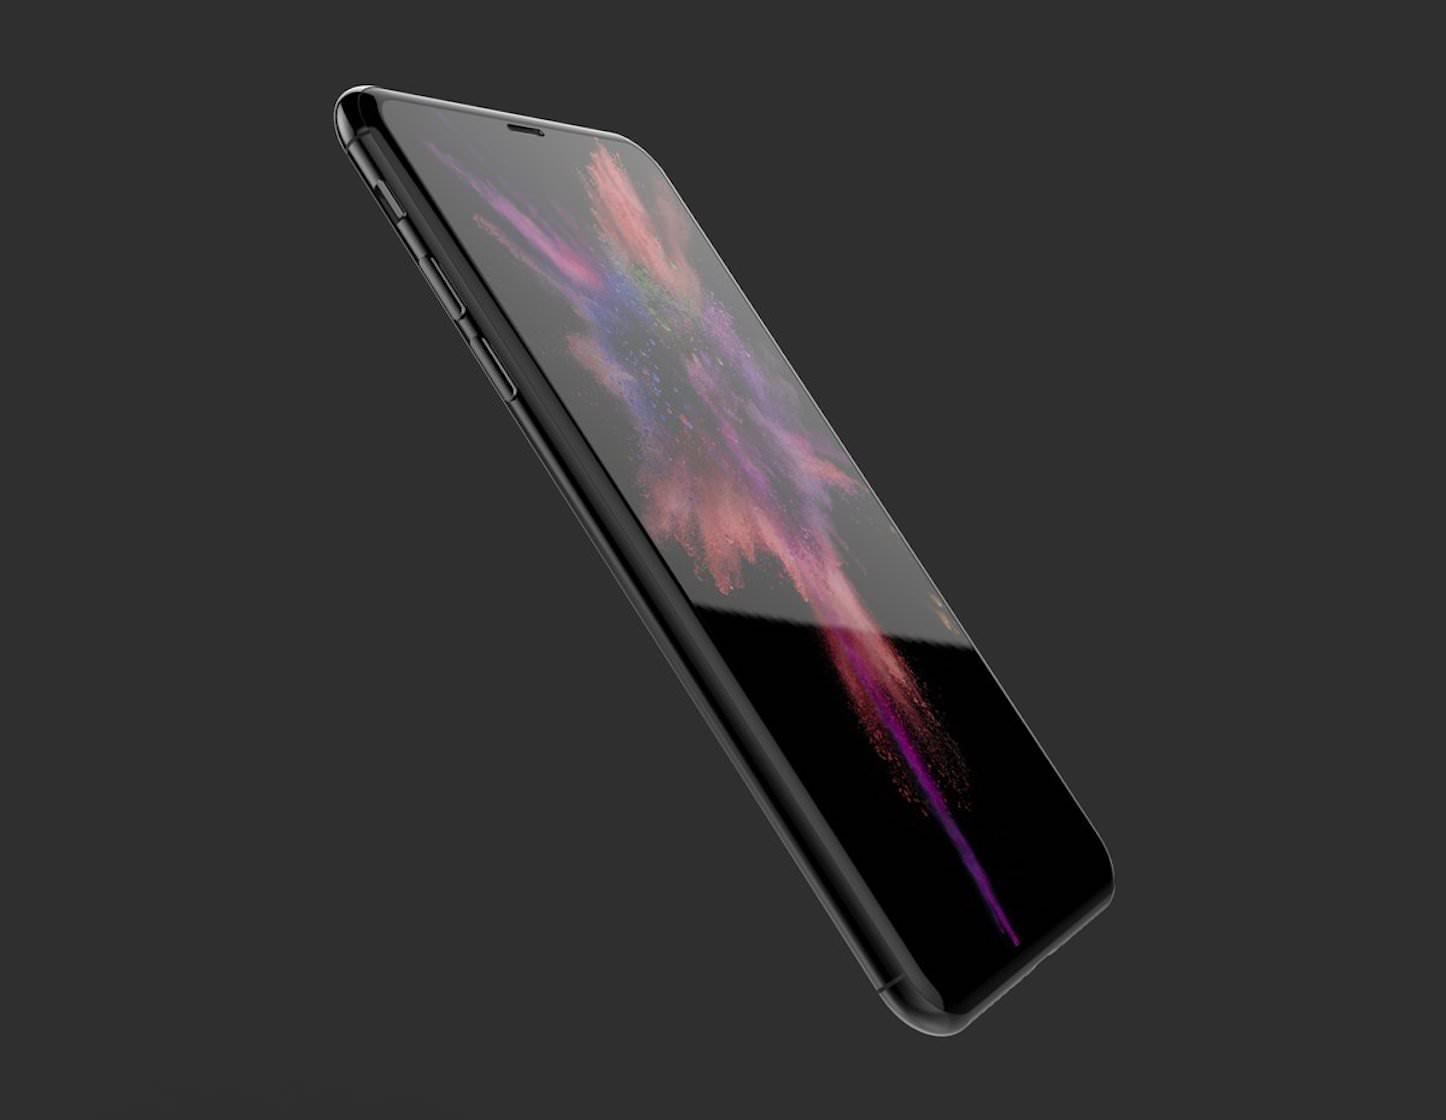 iphone-8-concept-design-3.jpg